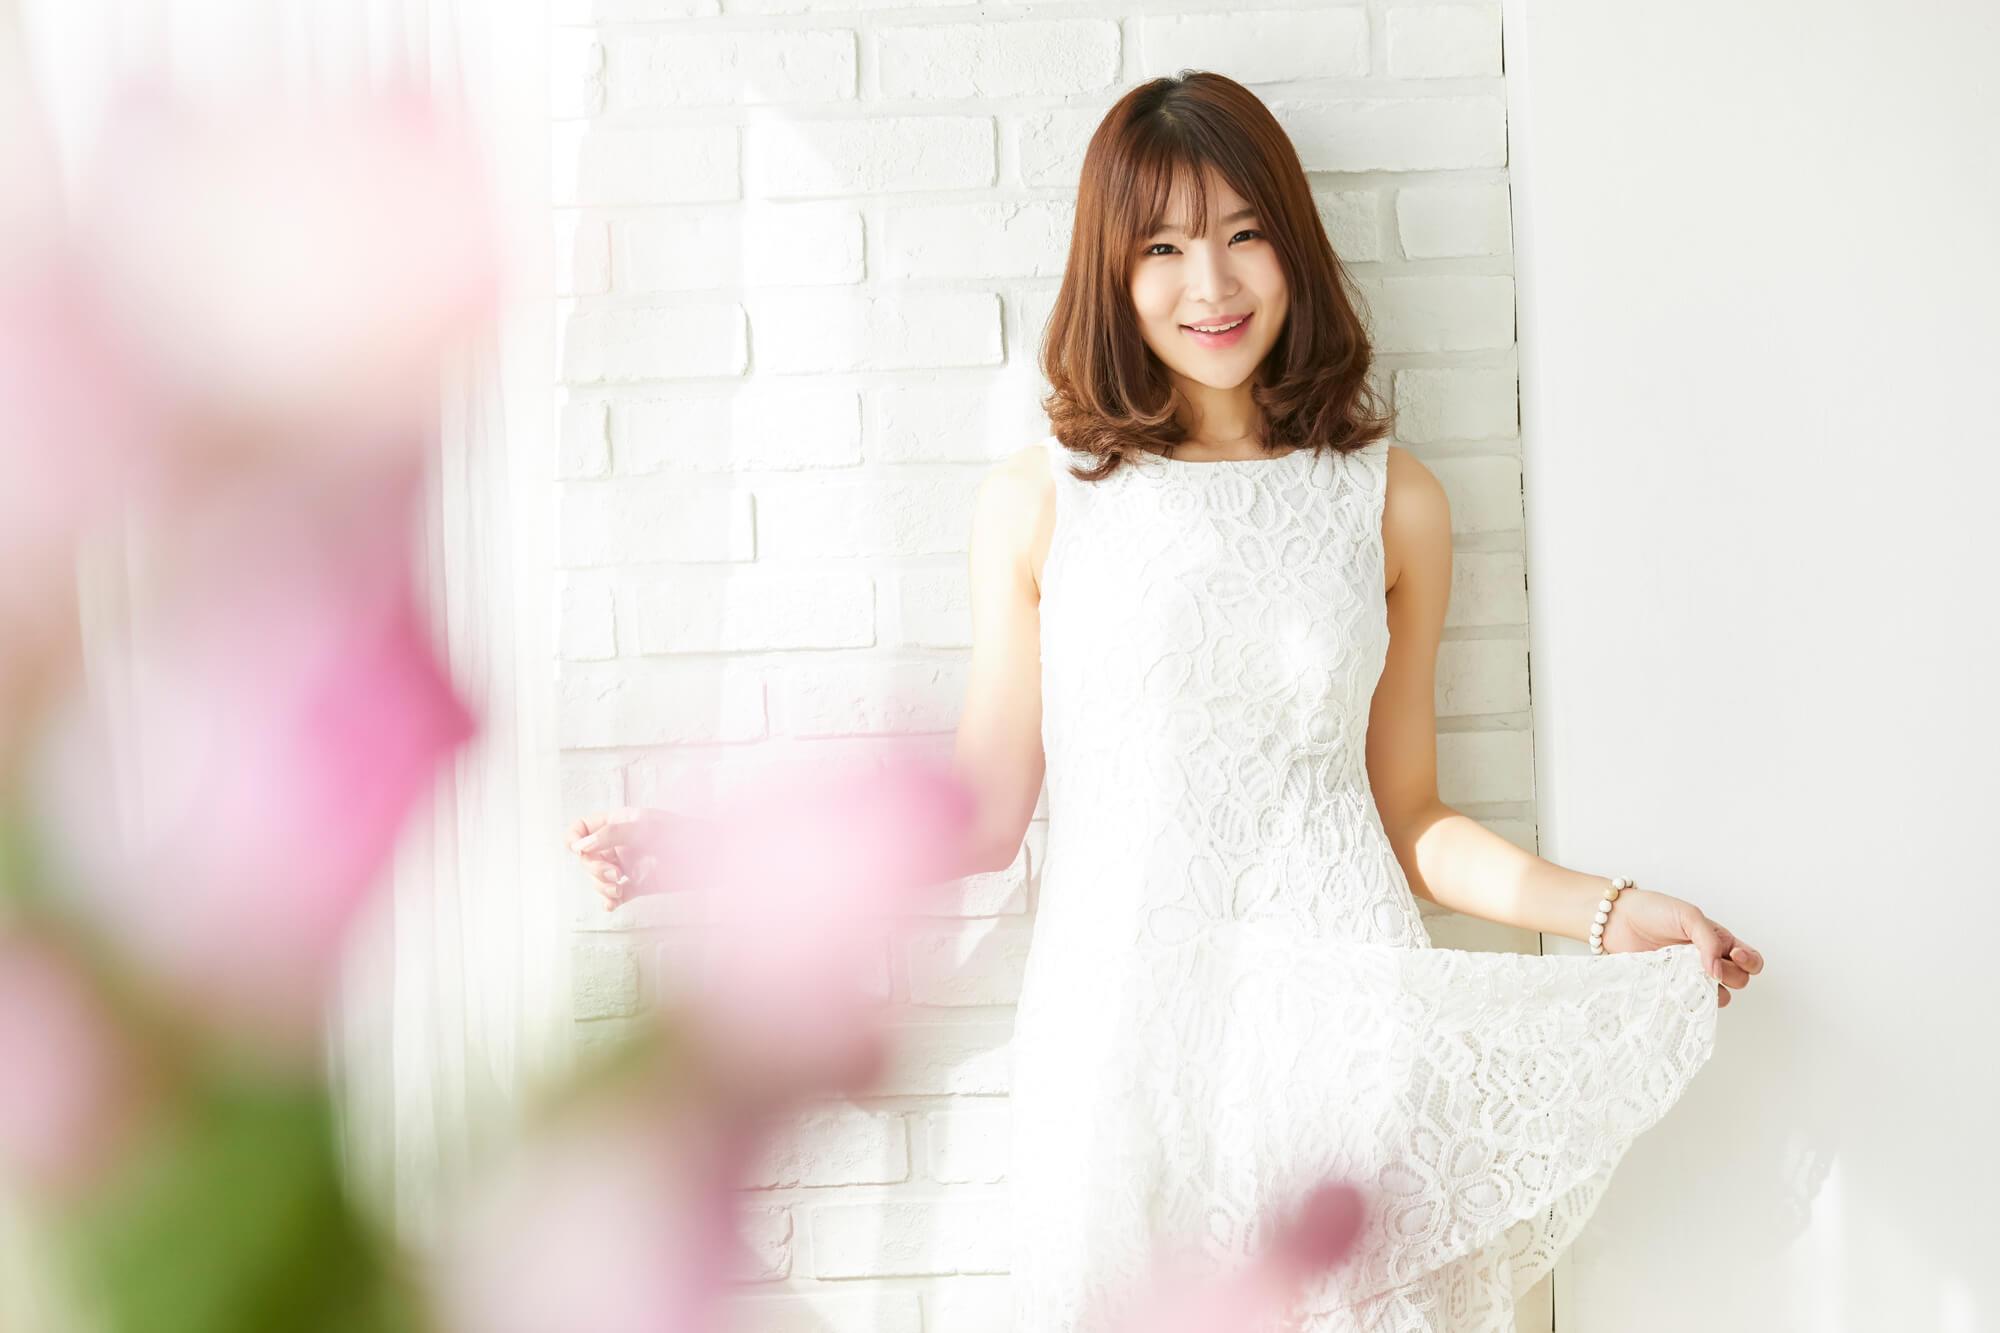 大学謝恩会のドレス【おしゃれ&被らない】レンタルで叶う人気コーデ